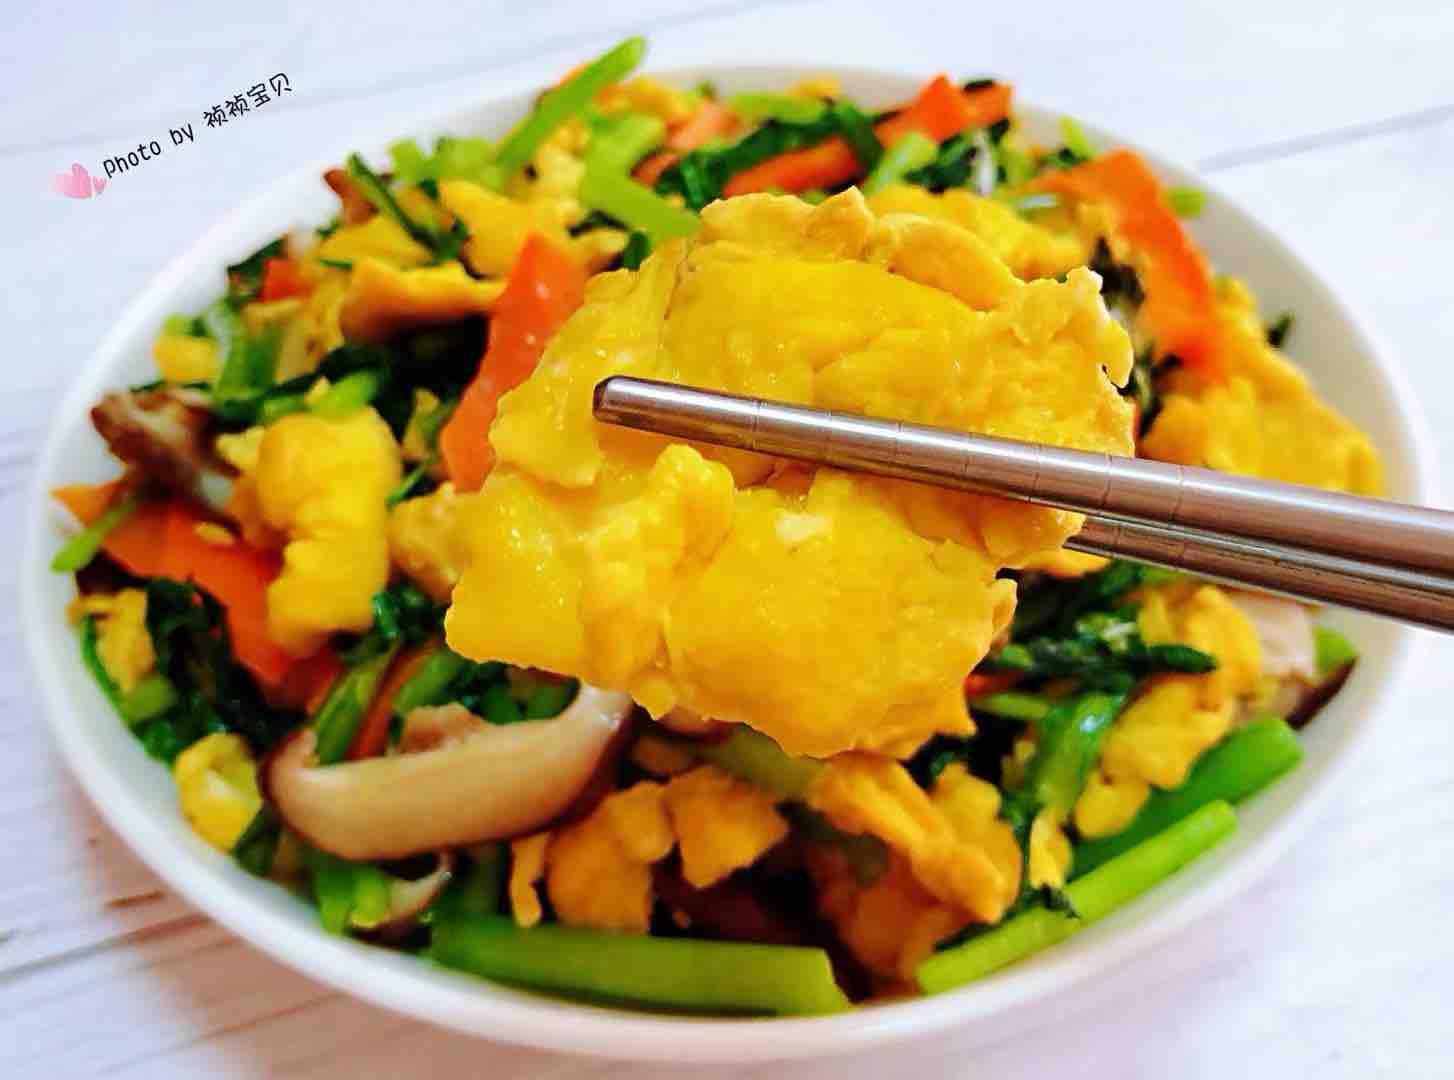 茼蒿炒鸡蛋香菇胡萝卜怎样煮